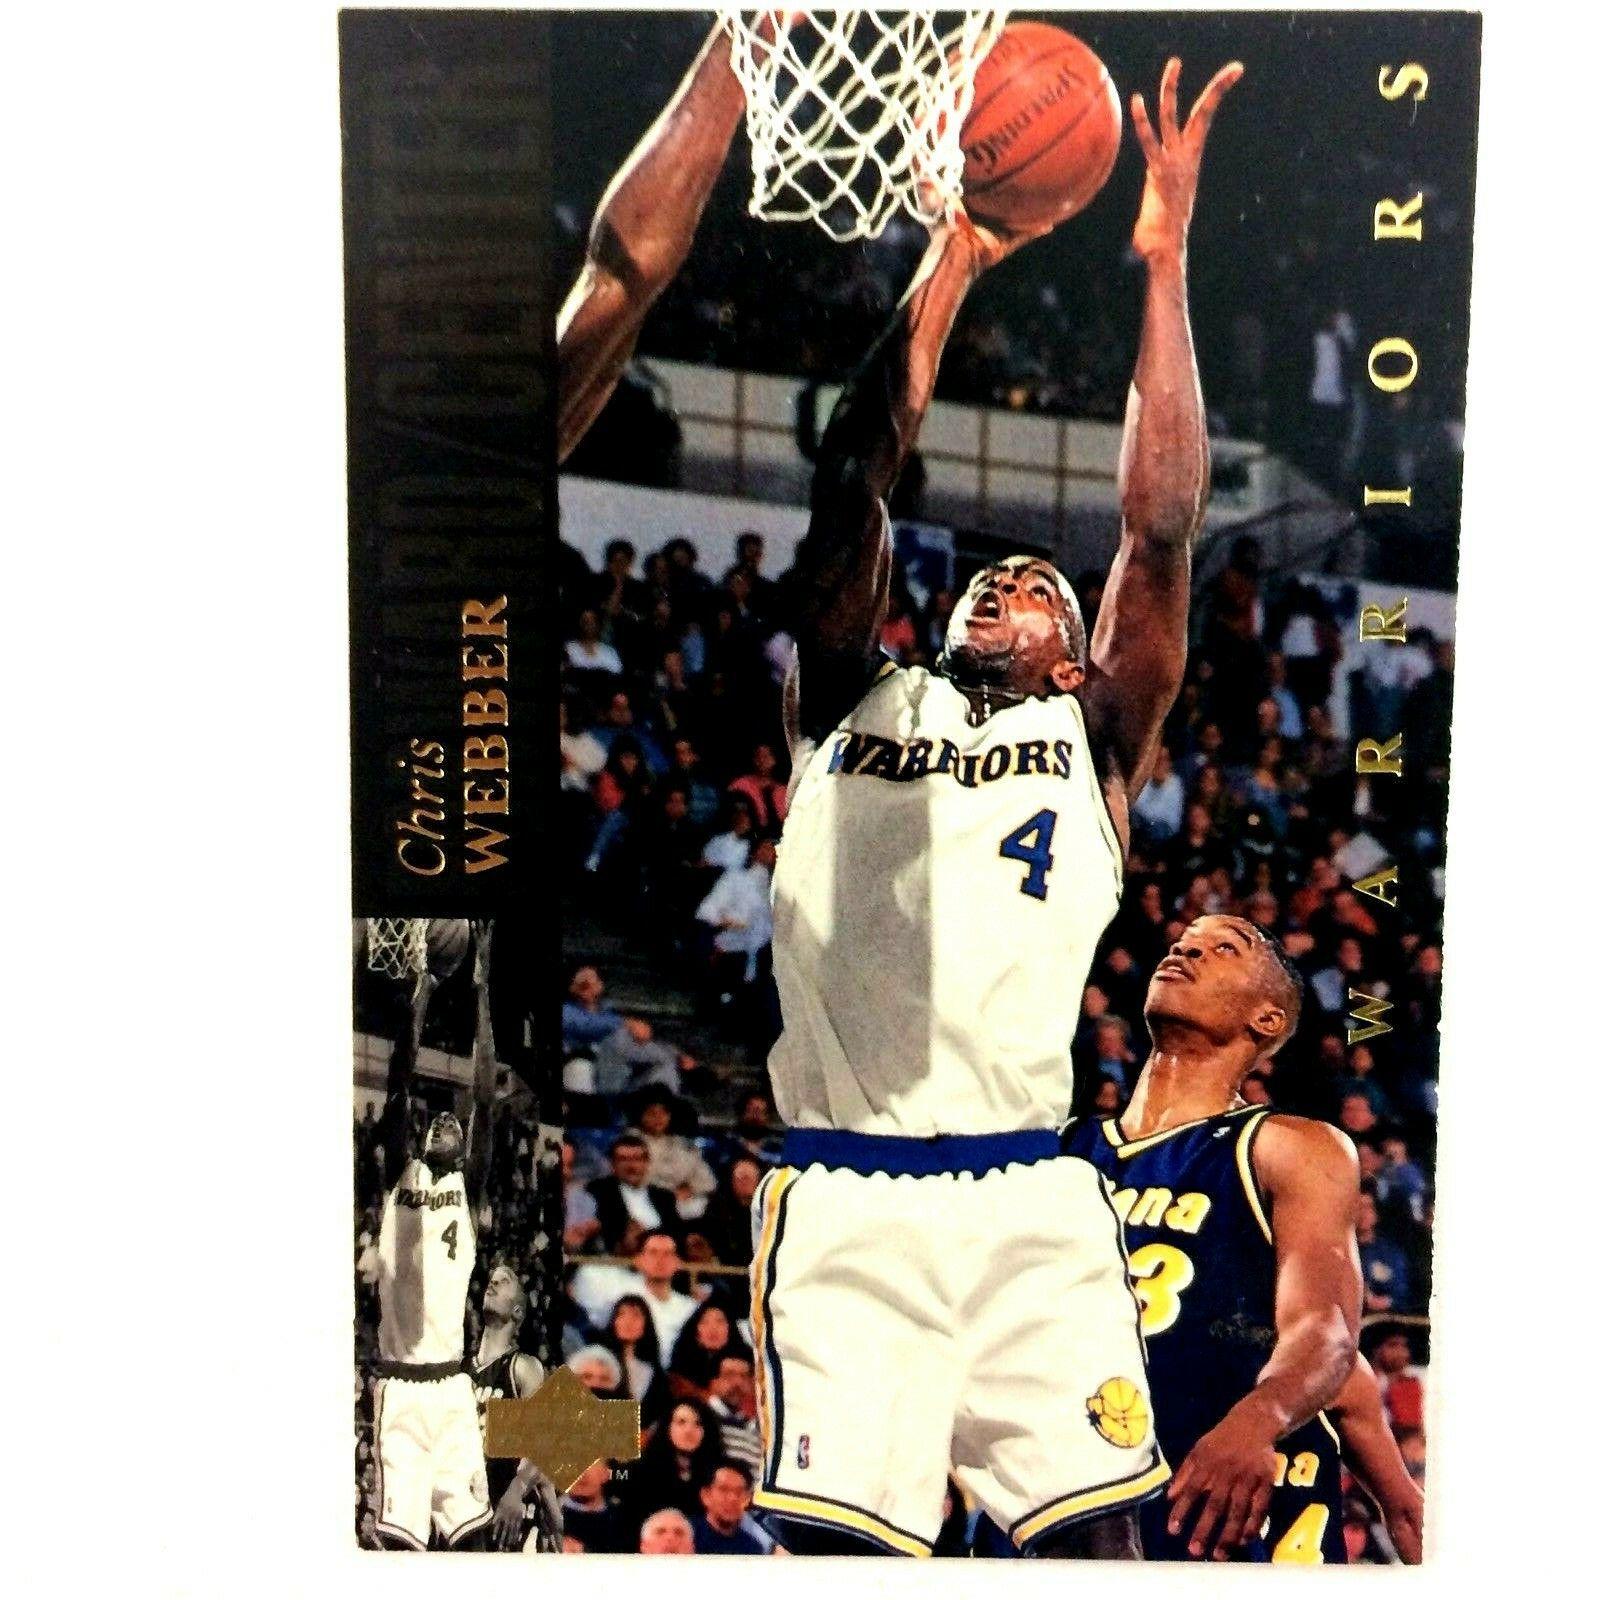 Chris Webber 1993-94 Upper Deck SE Rookie Card #4 NBA Golden State Warriors - $2.92